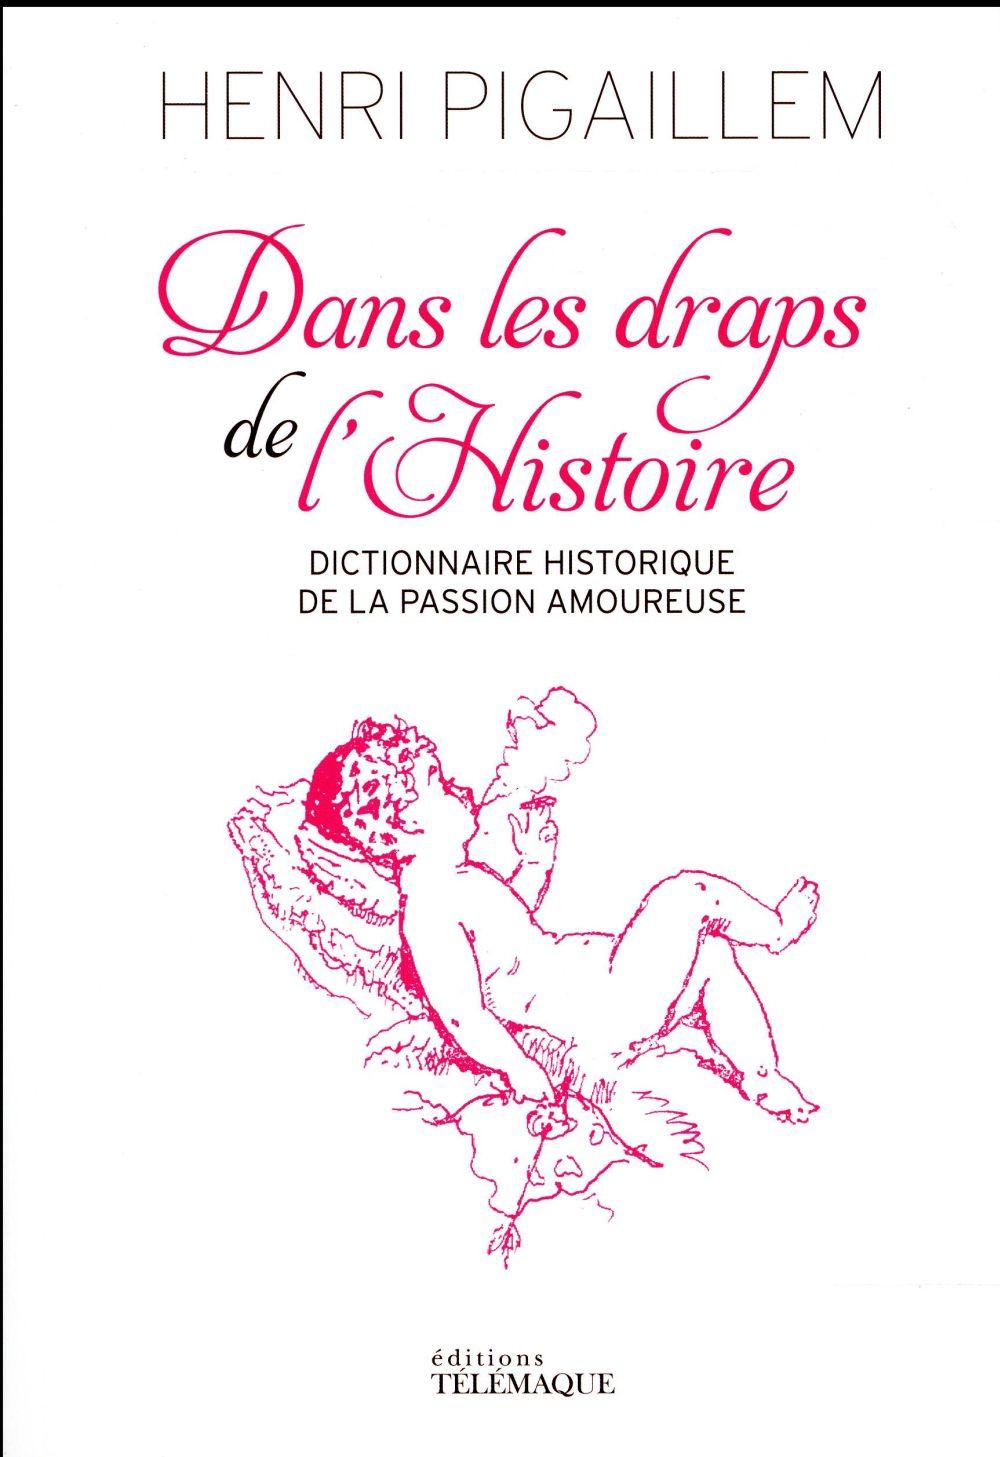 Pigaillem Henri - Dans les draps de l'histoire